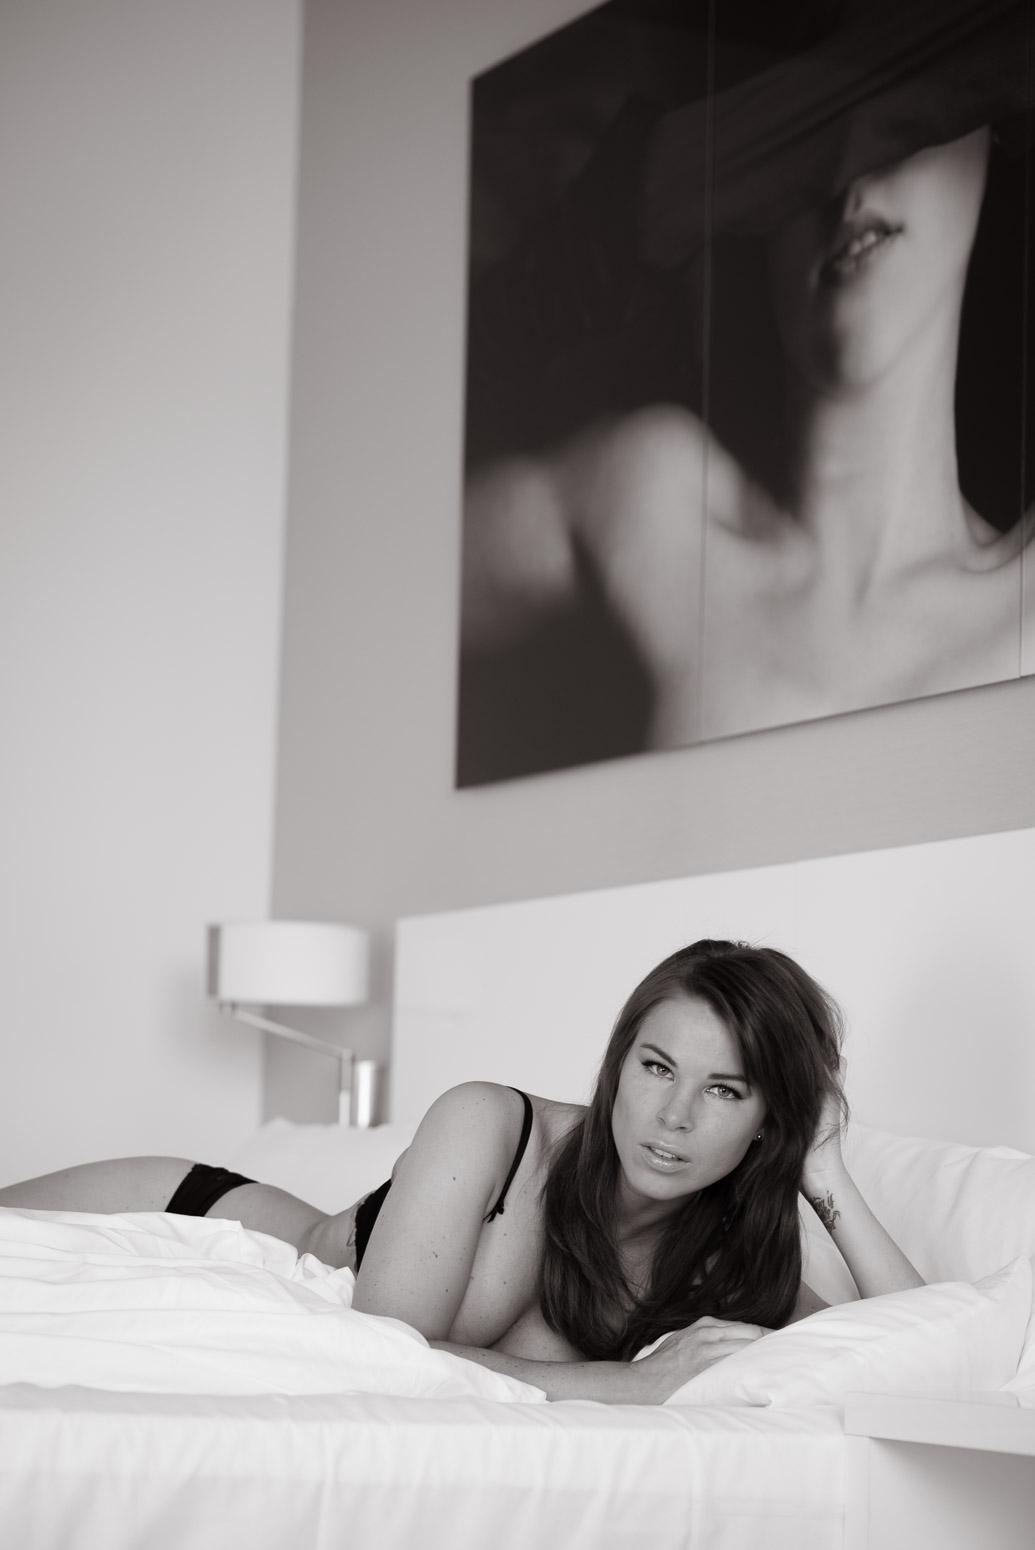 Exklusive Boudoirfotos im Stuttgarter Hotel